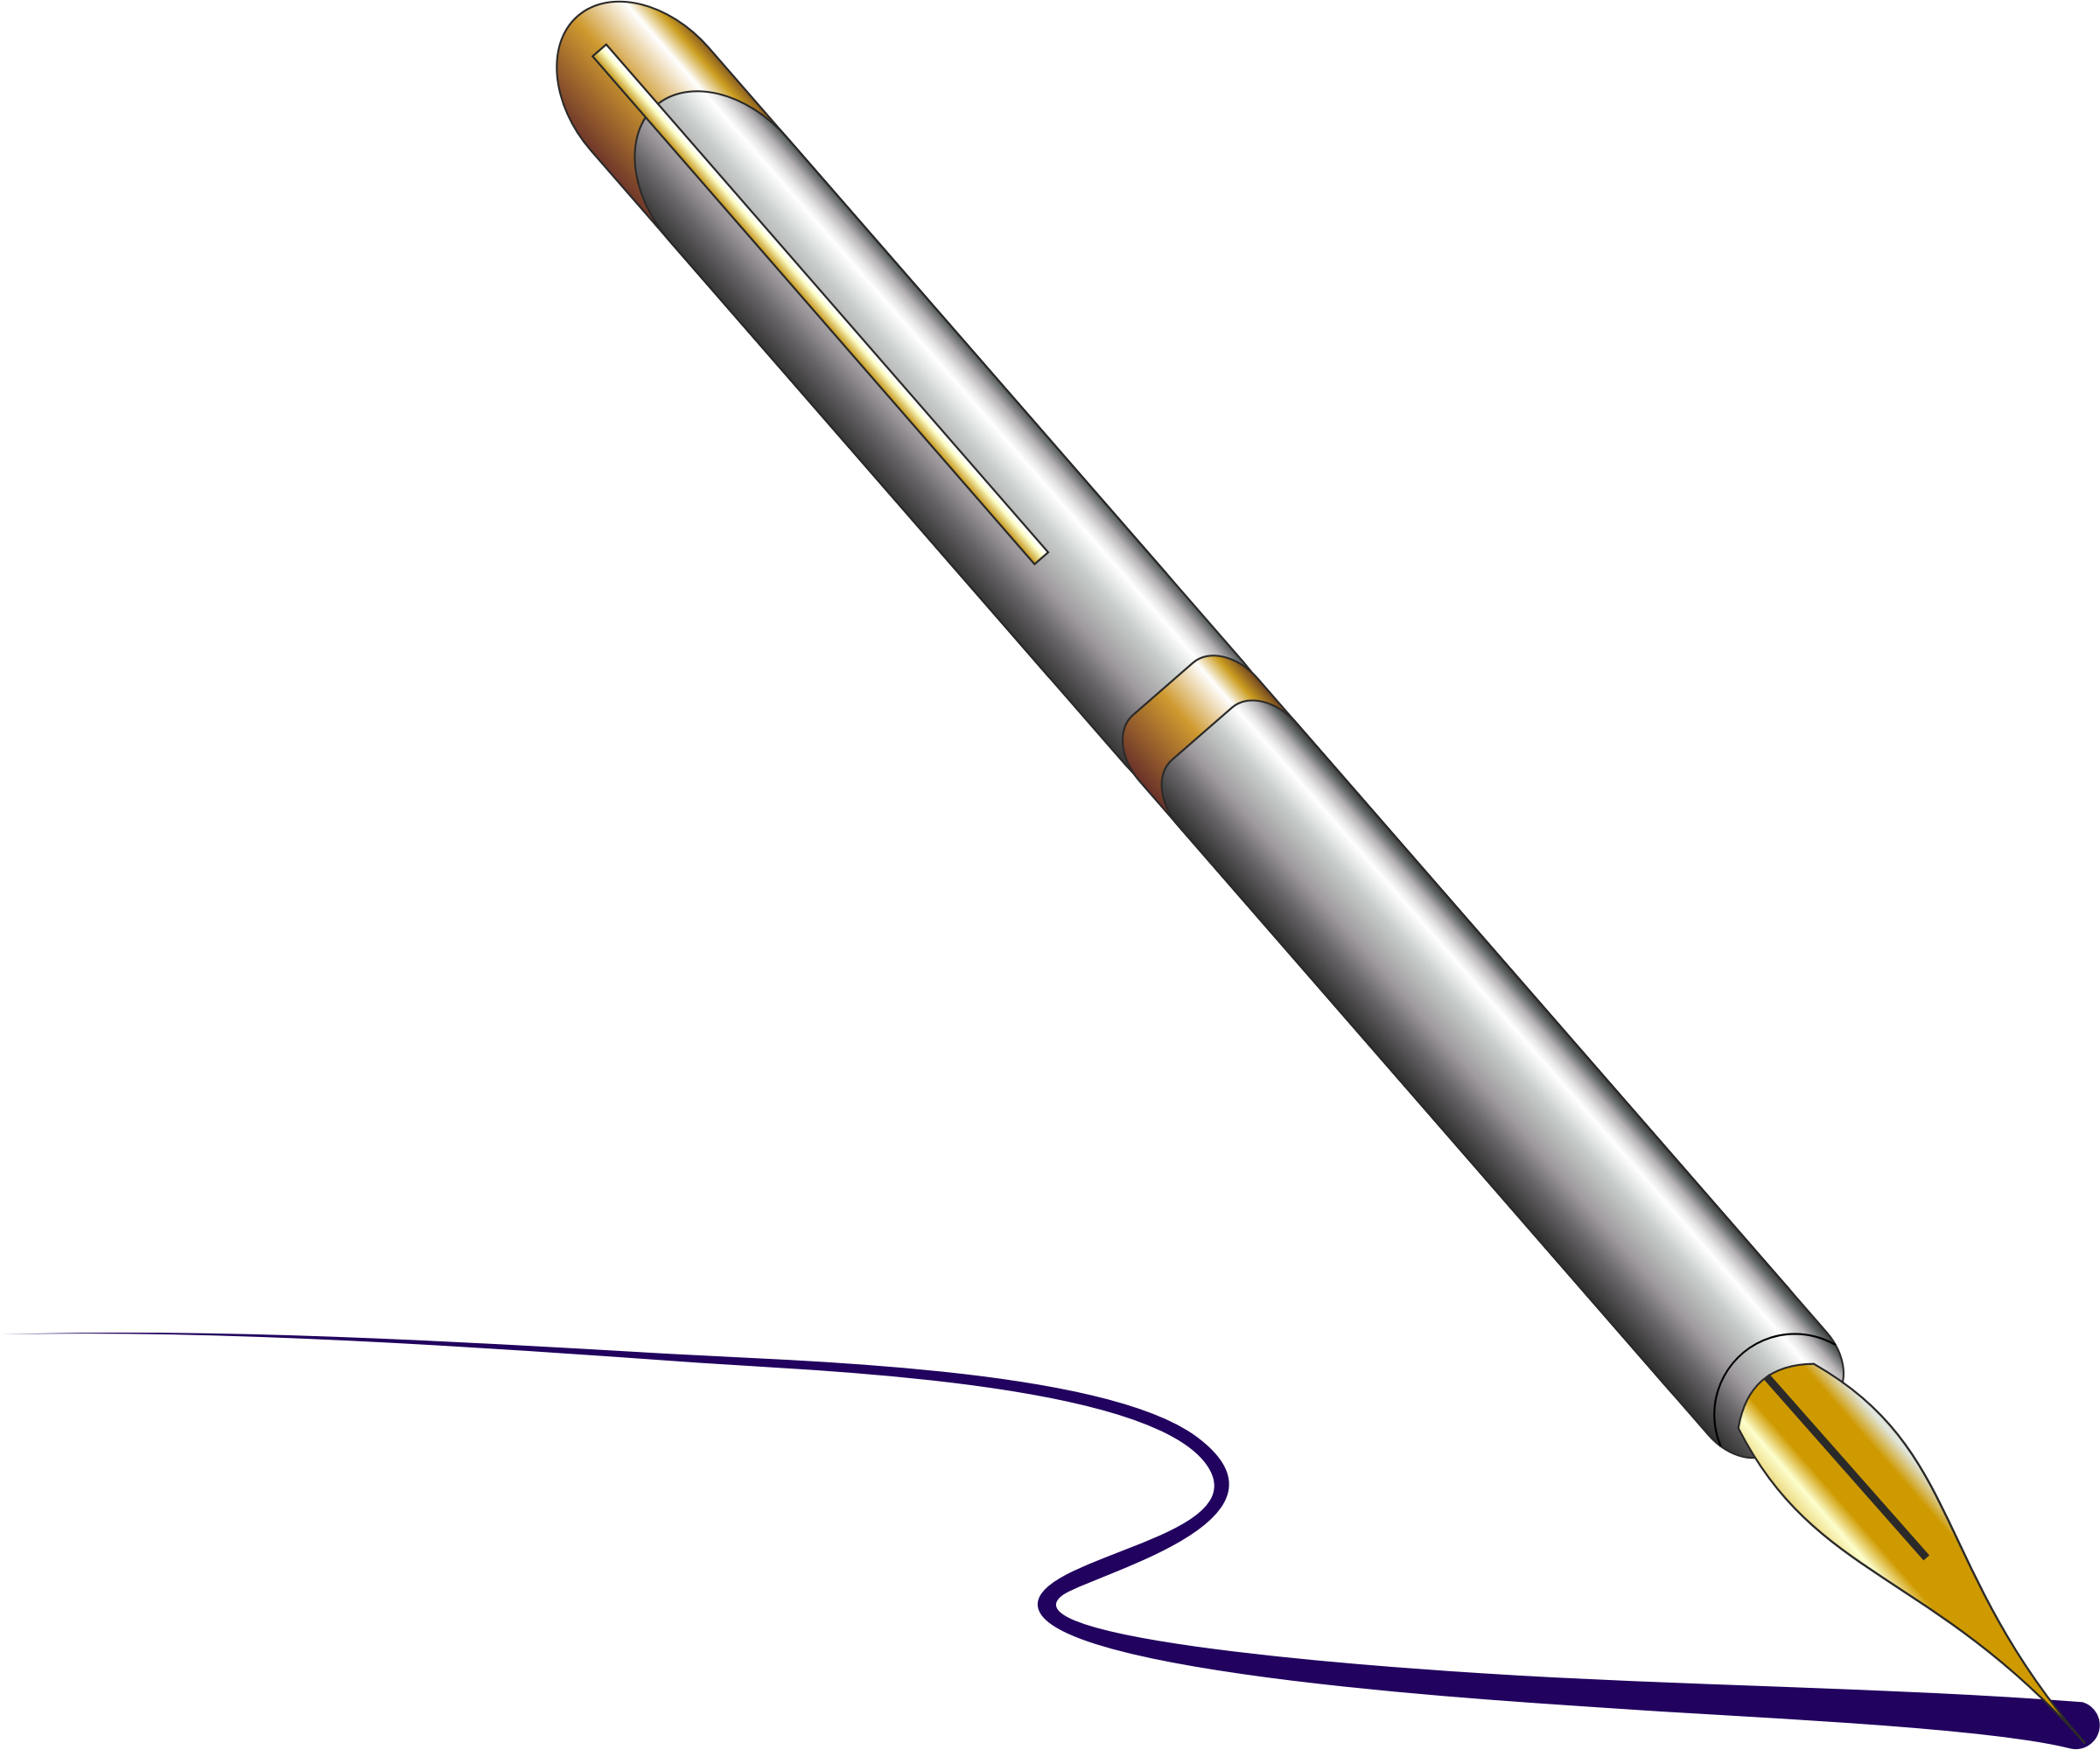 Pen PNG Transparent Image image #43193 - Pen PNG